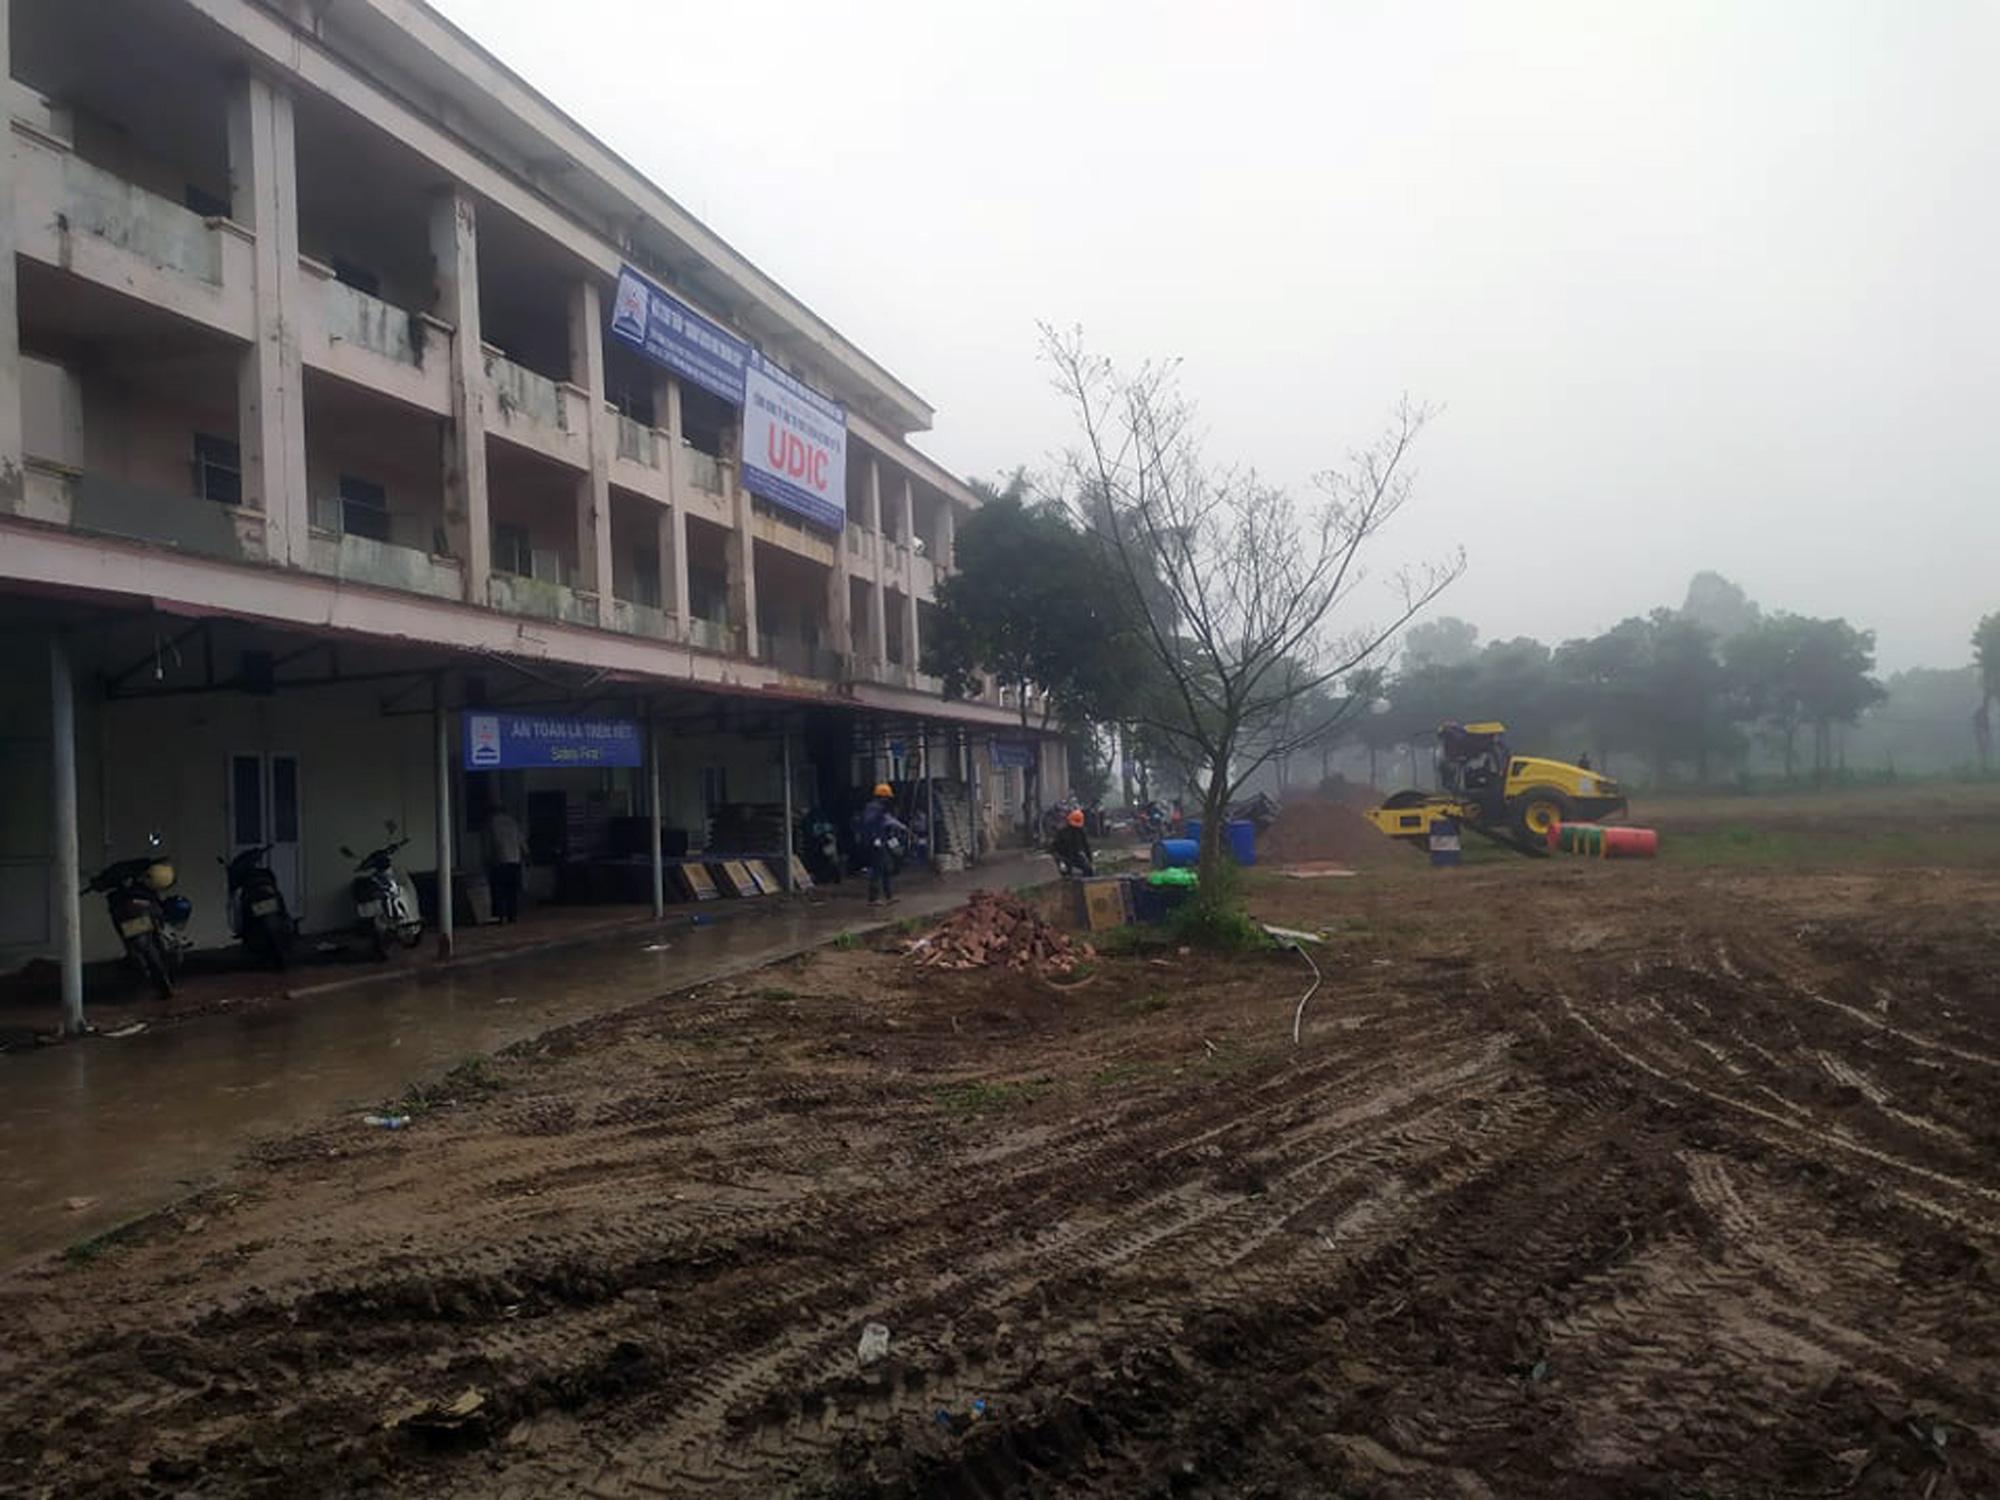 Sửa bệnh viên bỏ hoang ở Mê Linh để làm khu cách li chống dịch Covid-19 - Ảnh 8.